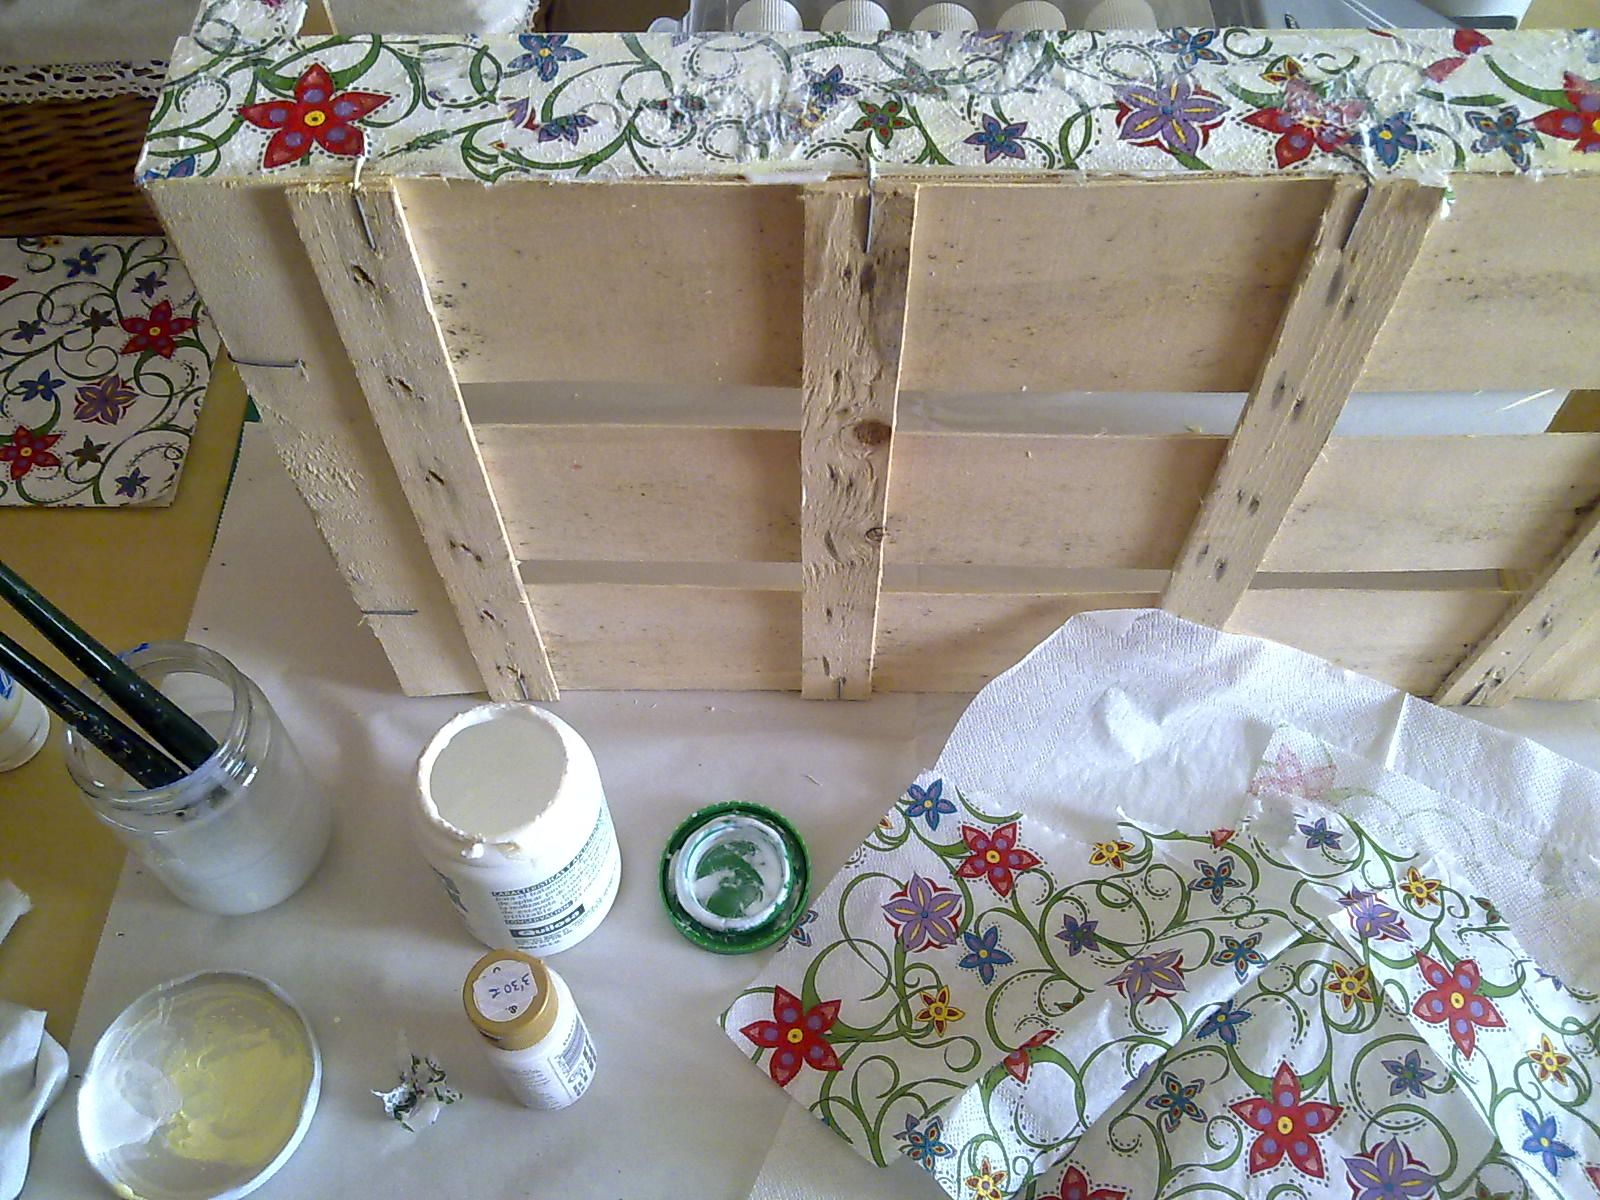 Forrada con servilletas con cajas pinterest - Decorar cajas de madera con servilletas ...